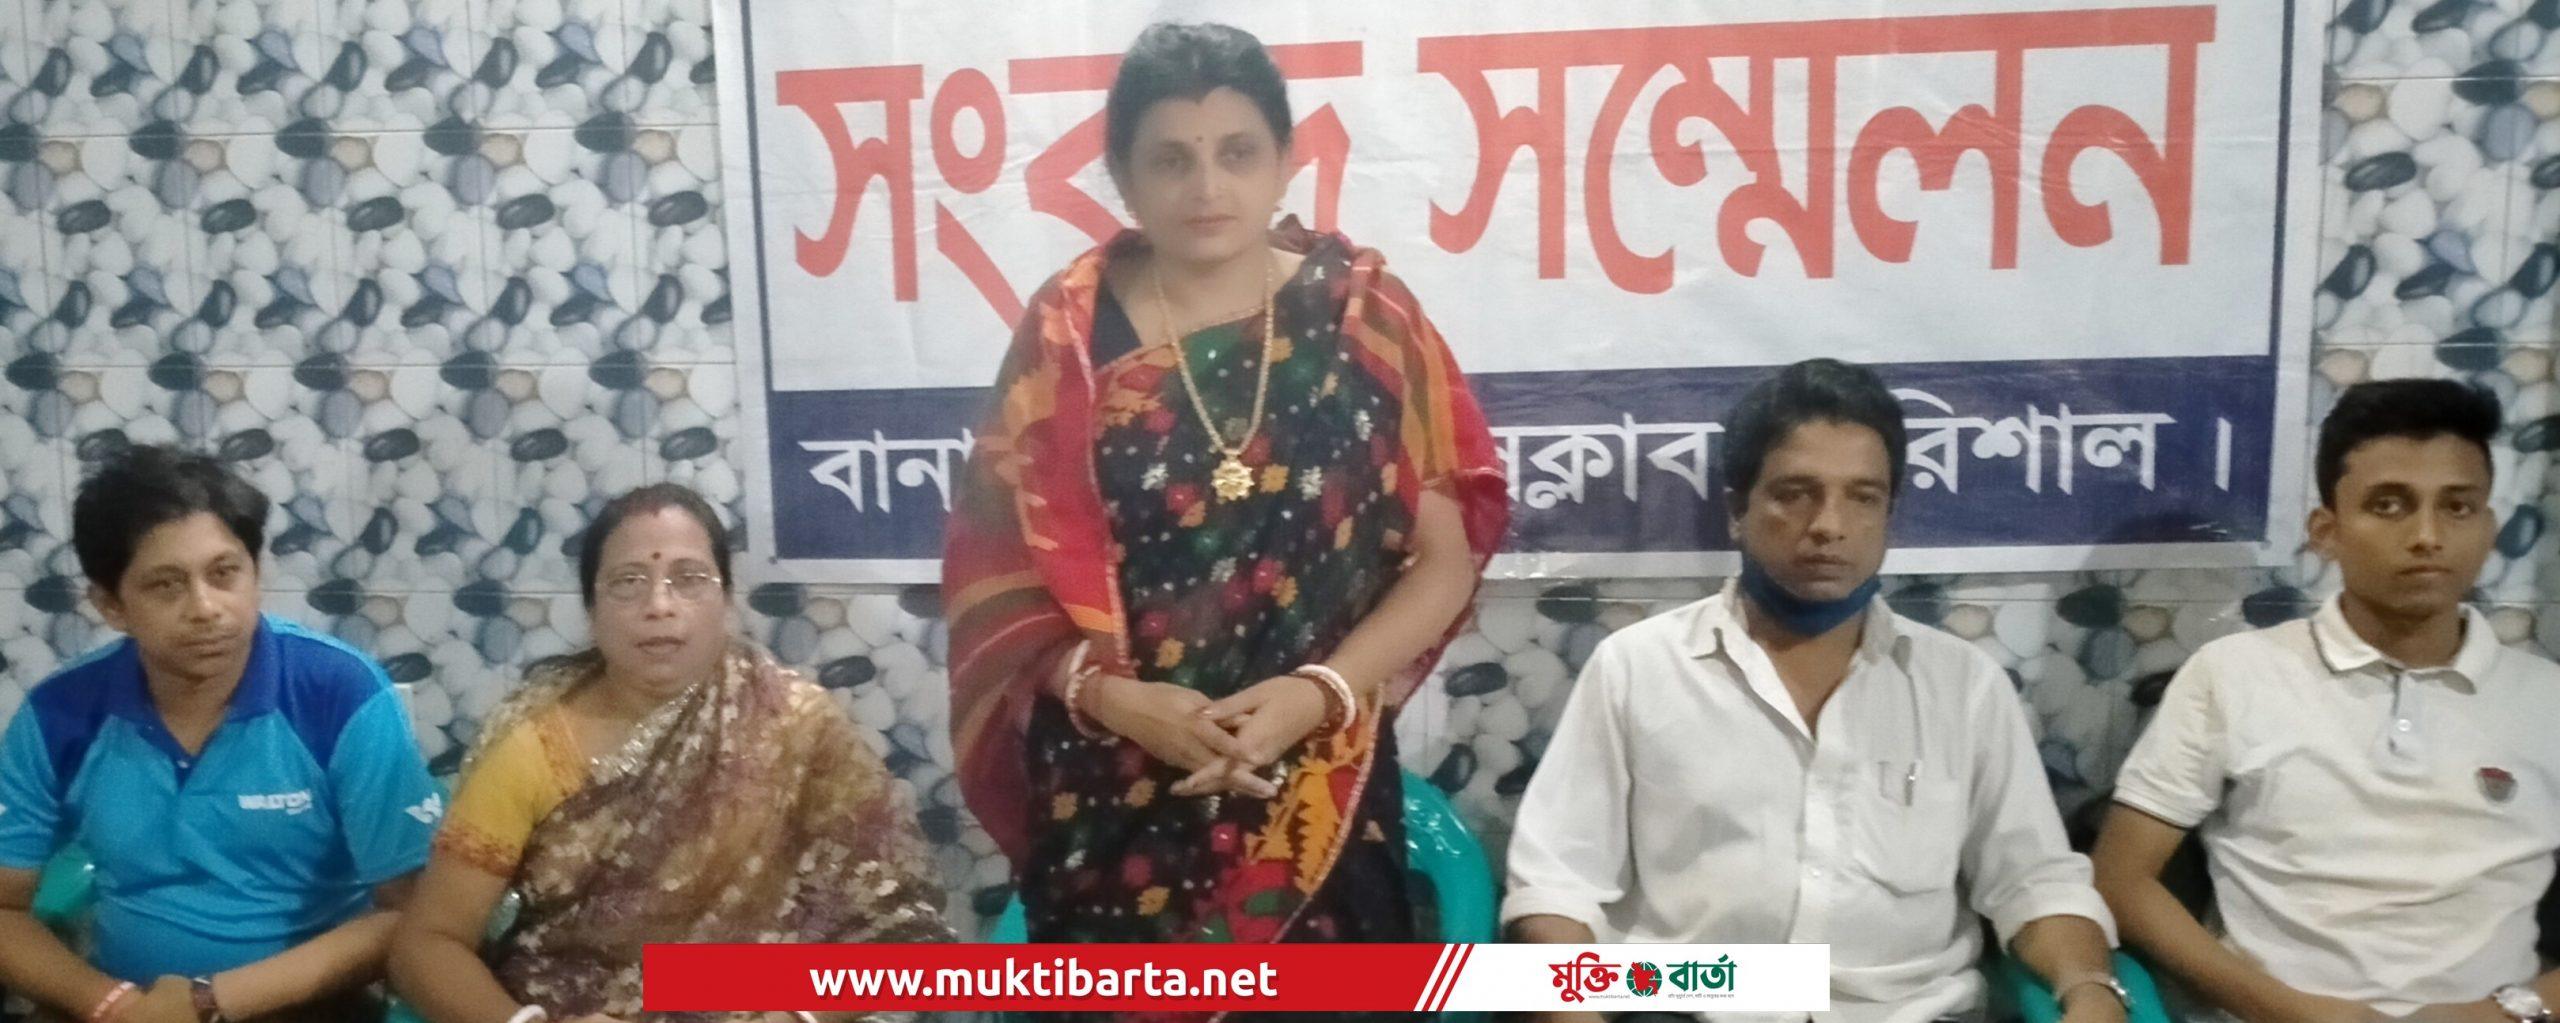 বানারীপাড়া পৌরসভা নির্বাচনে সংরক্ষিত নারী কাউন্সিলর পদে পূর্ণিমা ঘোষের প্রার্থীতা ঘোষণা